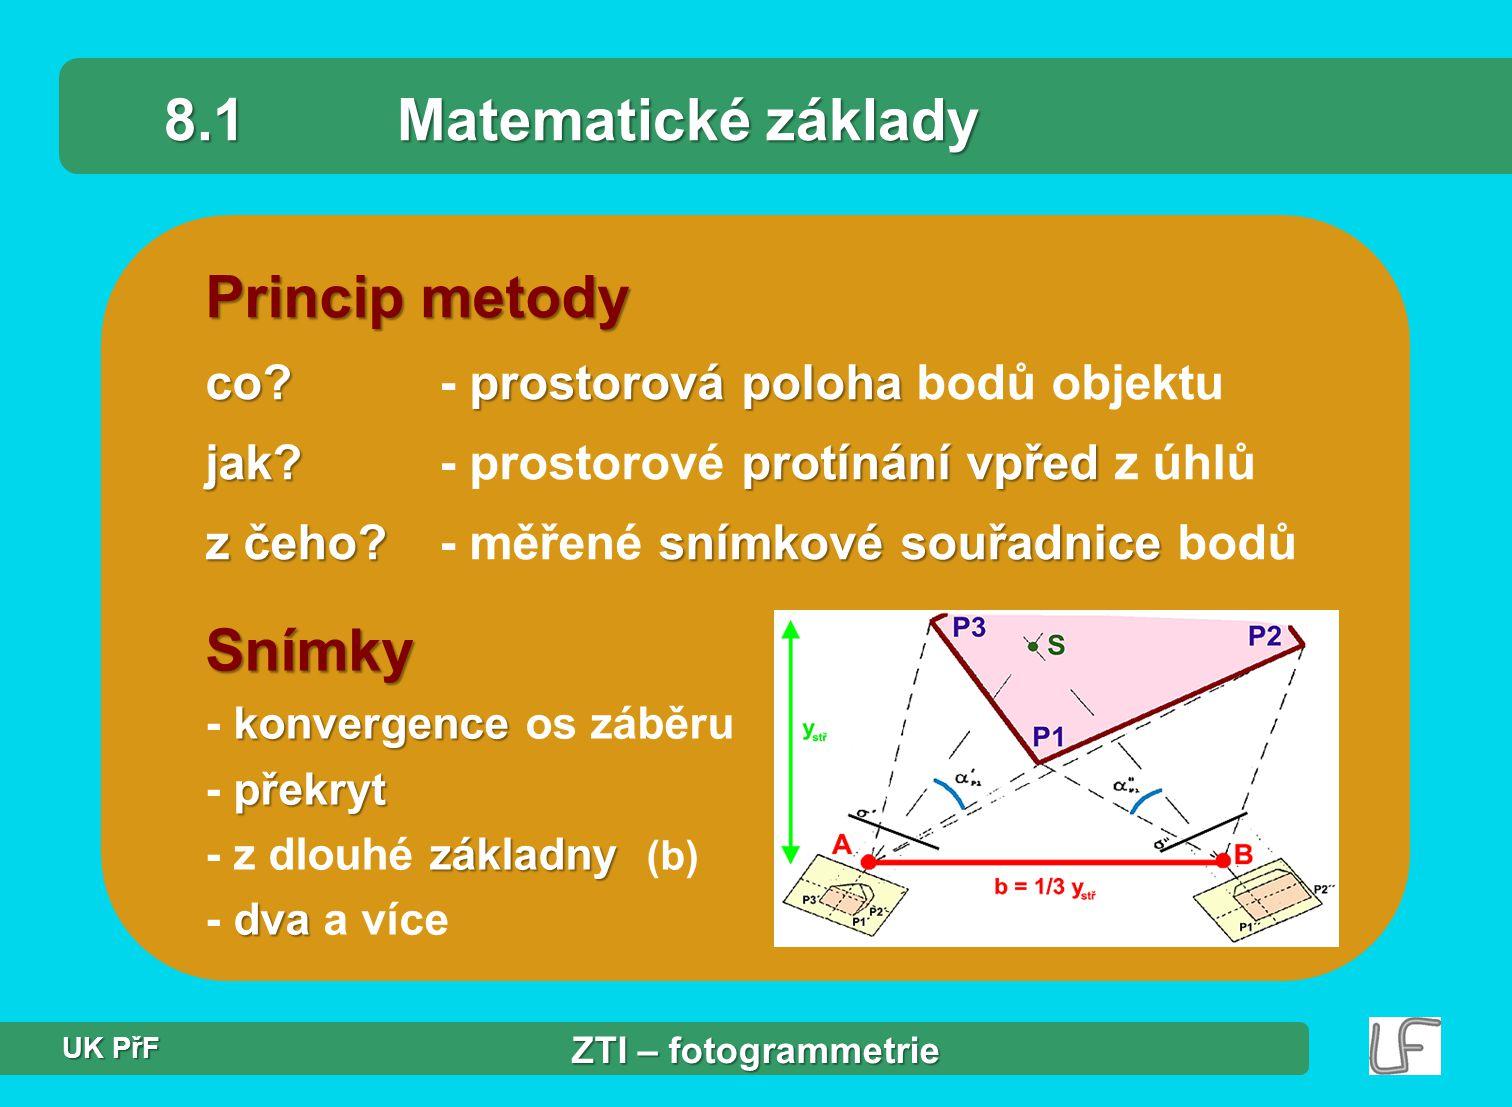 Princip metody co?prostorová poloha co.- prostorová poloha bodů objektu jak?protínání vpřed jak.